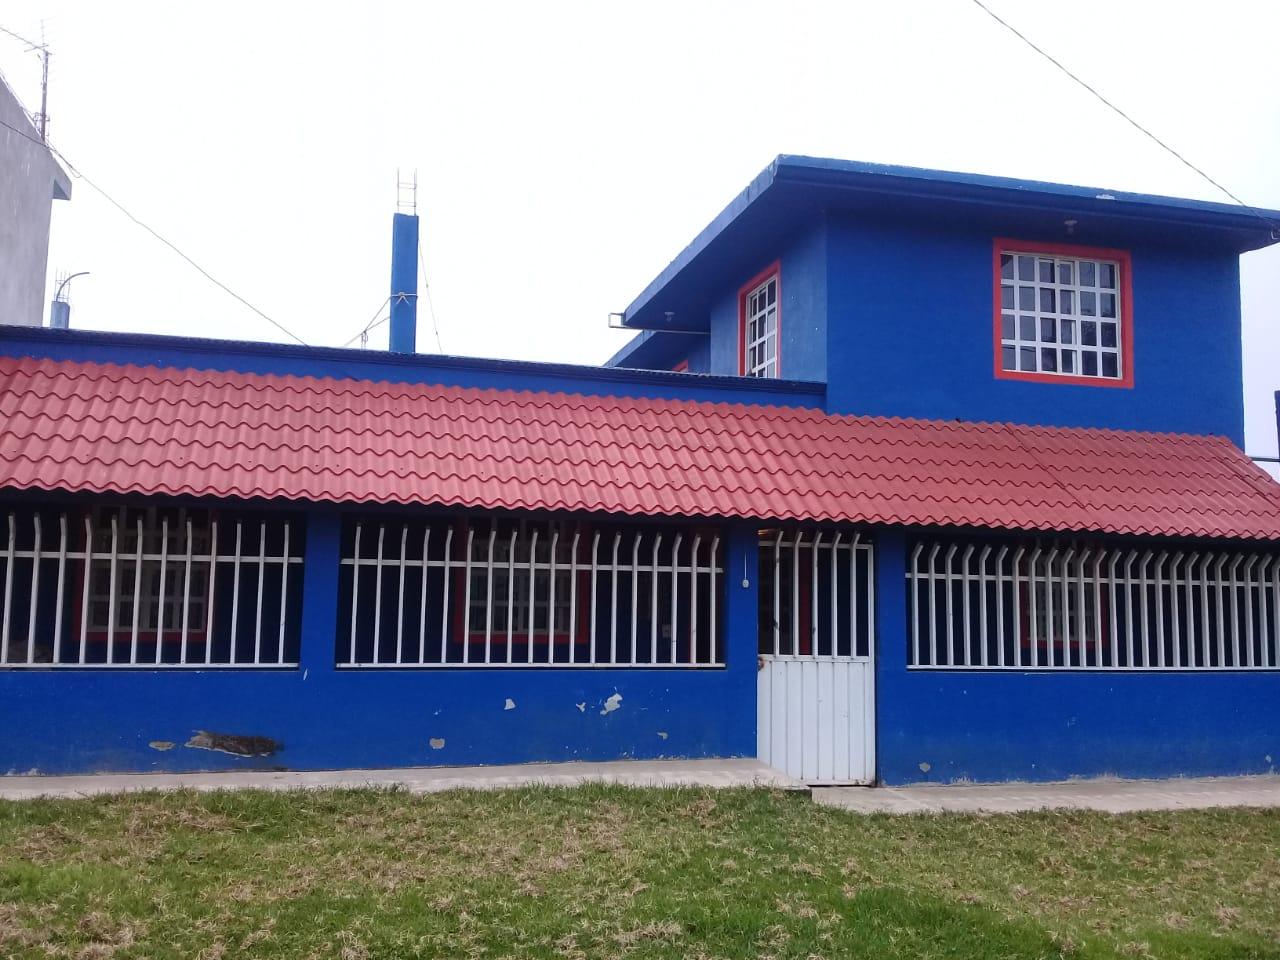 SE VENDE BONITA CASA CERCA DE TLATLAUQUITEPEC, PUEBLA.